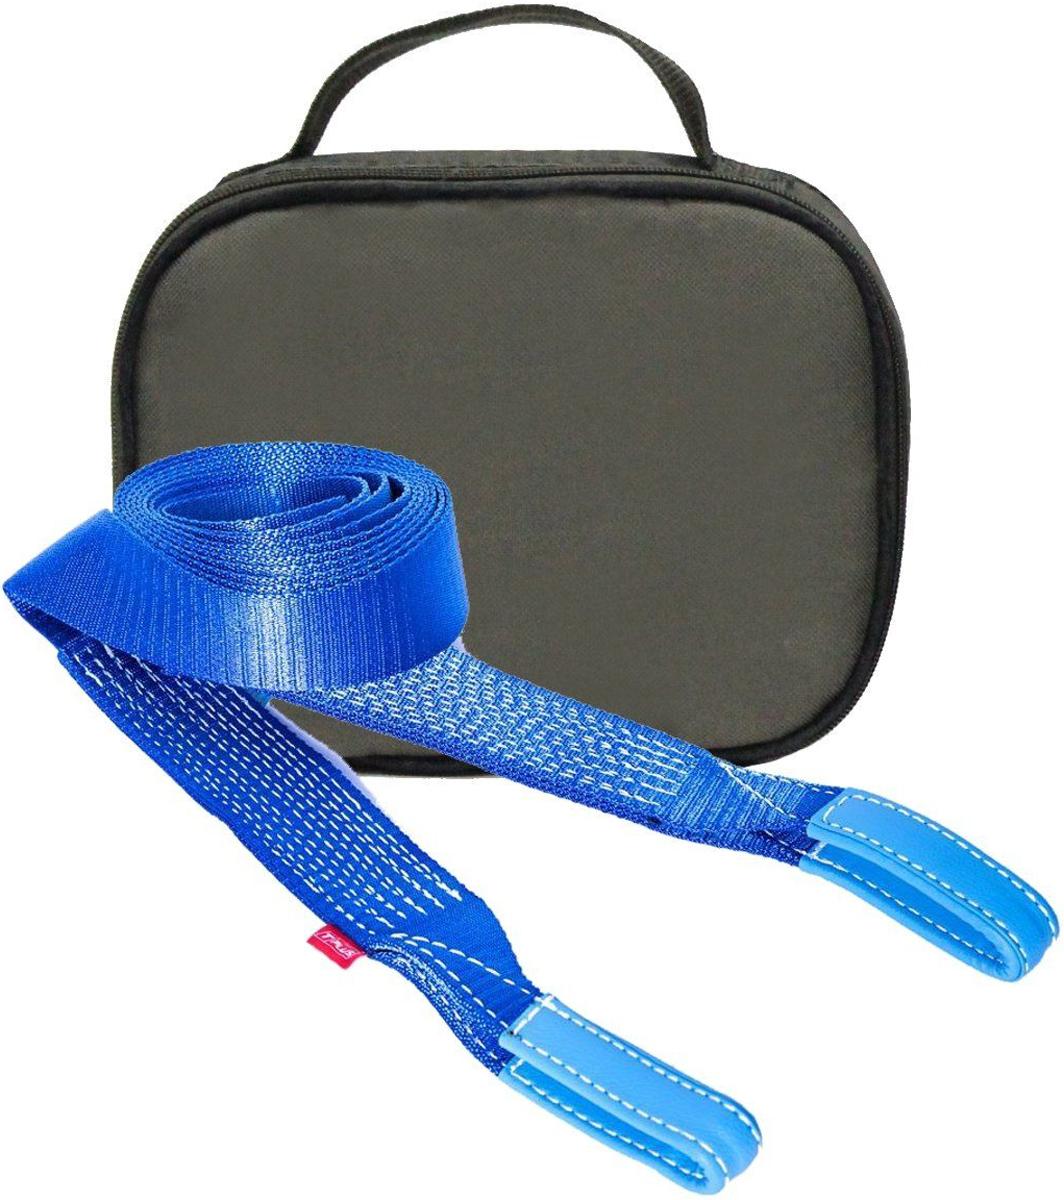 Строп динамический Tplus Стандарт, рывковый, с сумкой, цвет: оливковый, 4.5 т, 5 мT001956Минимальная разрывная нагрузка (MBS): 4.5 т; Длина: 5 м; Ширина ленты: 55 мм; Материал ленты: полиамид; Защита петель: экокожа; Эластичность (удлинение при нагрузке): 20%; Применяется для а/м или ATV массой* до 1.4 т; Сумка 240х180х80 мм (оксфорд); Гарантия: 1 год. *масса а/м или ATV = снаряженная масса а/м или ATV + 100 кг (+20% при эвакуации а/м из грязи). Если а/м или ATV оснащен дополнительным оборудованием (силовой бампер, лебёдка и т. п.), то масса а/м или ATV = снаряженная масса а/м или ATV + 100 кг + масса дополнительно установленного навесного оборудования (+20% при эвакуации а/м из грязи).